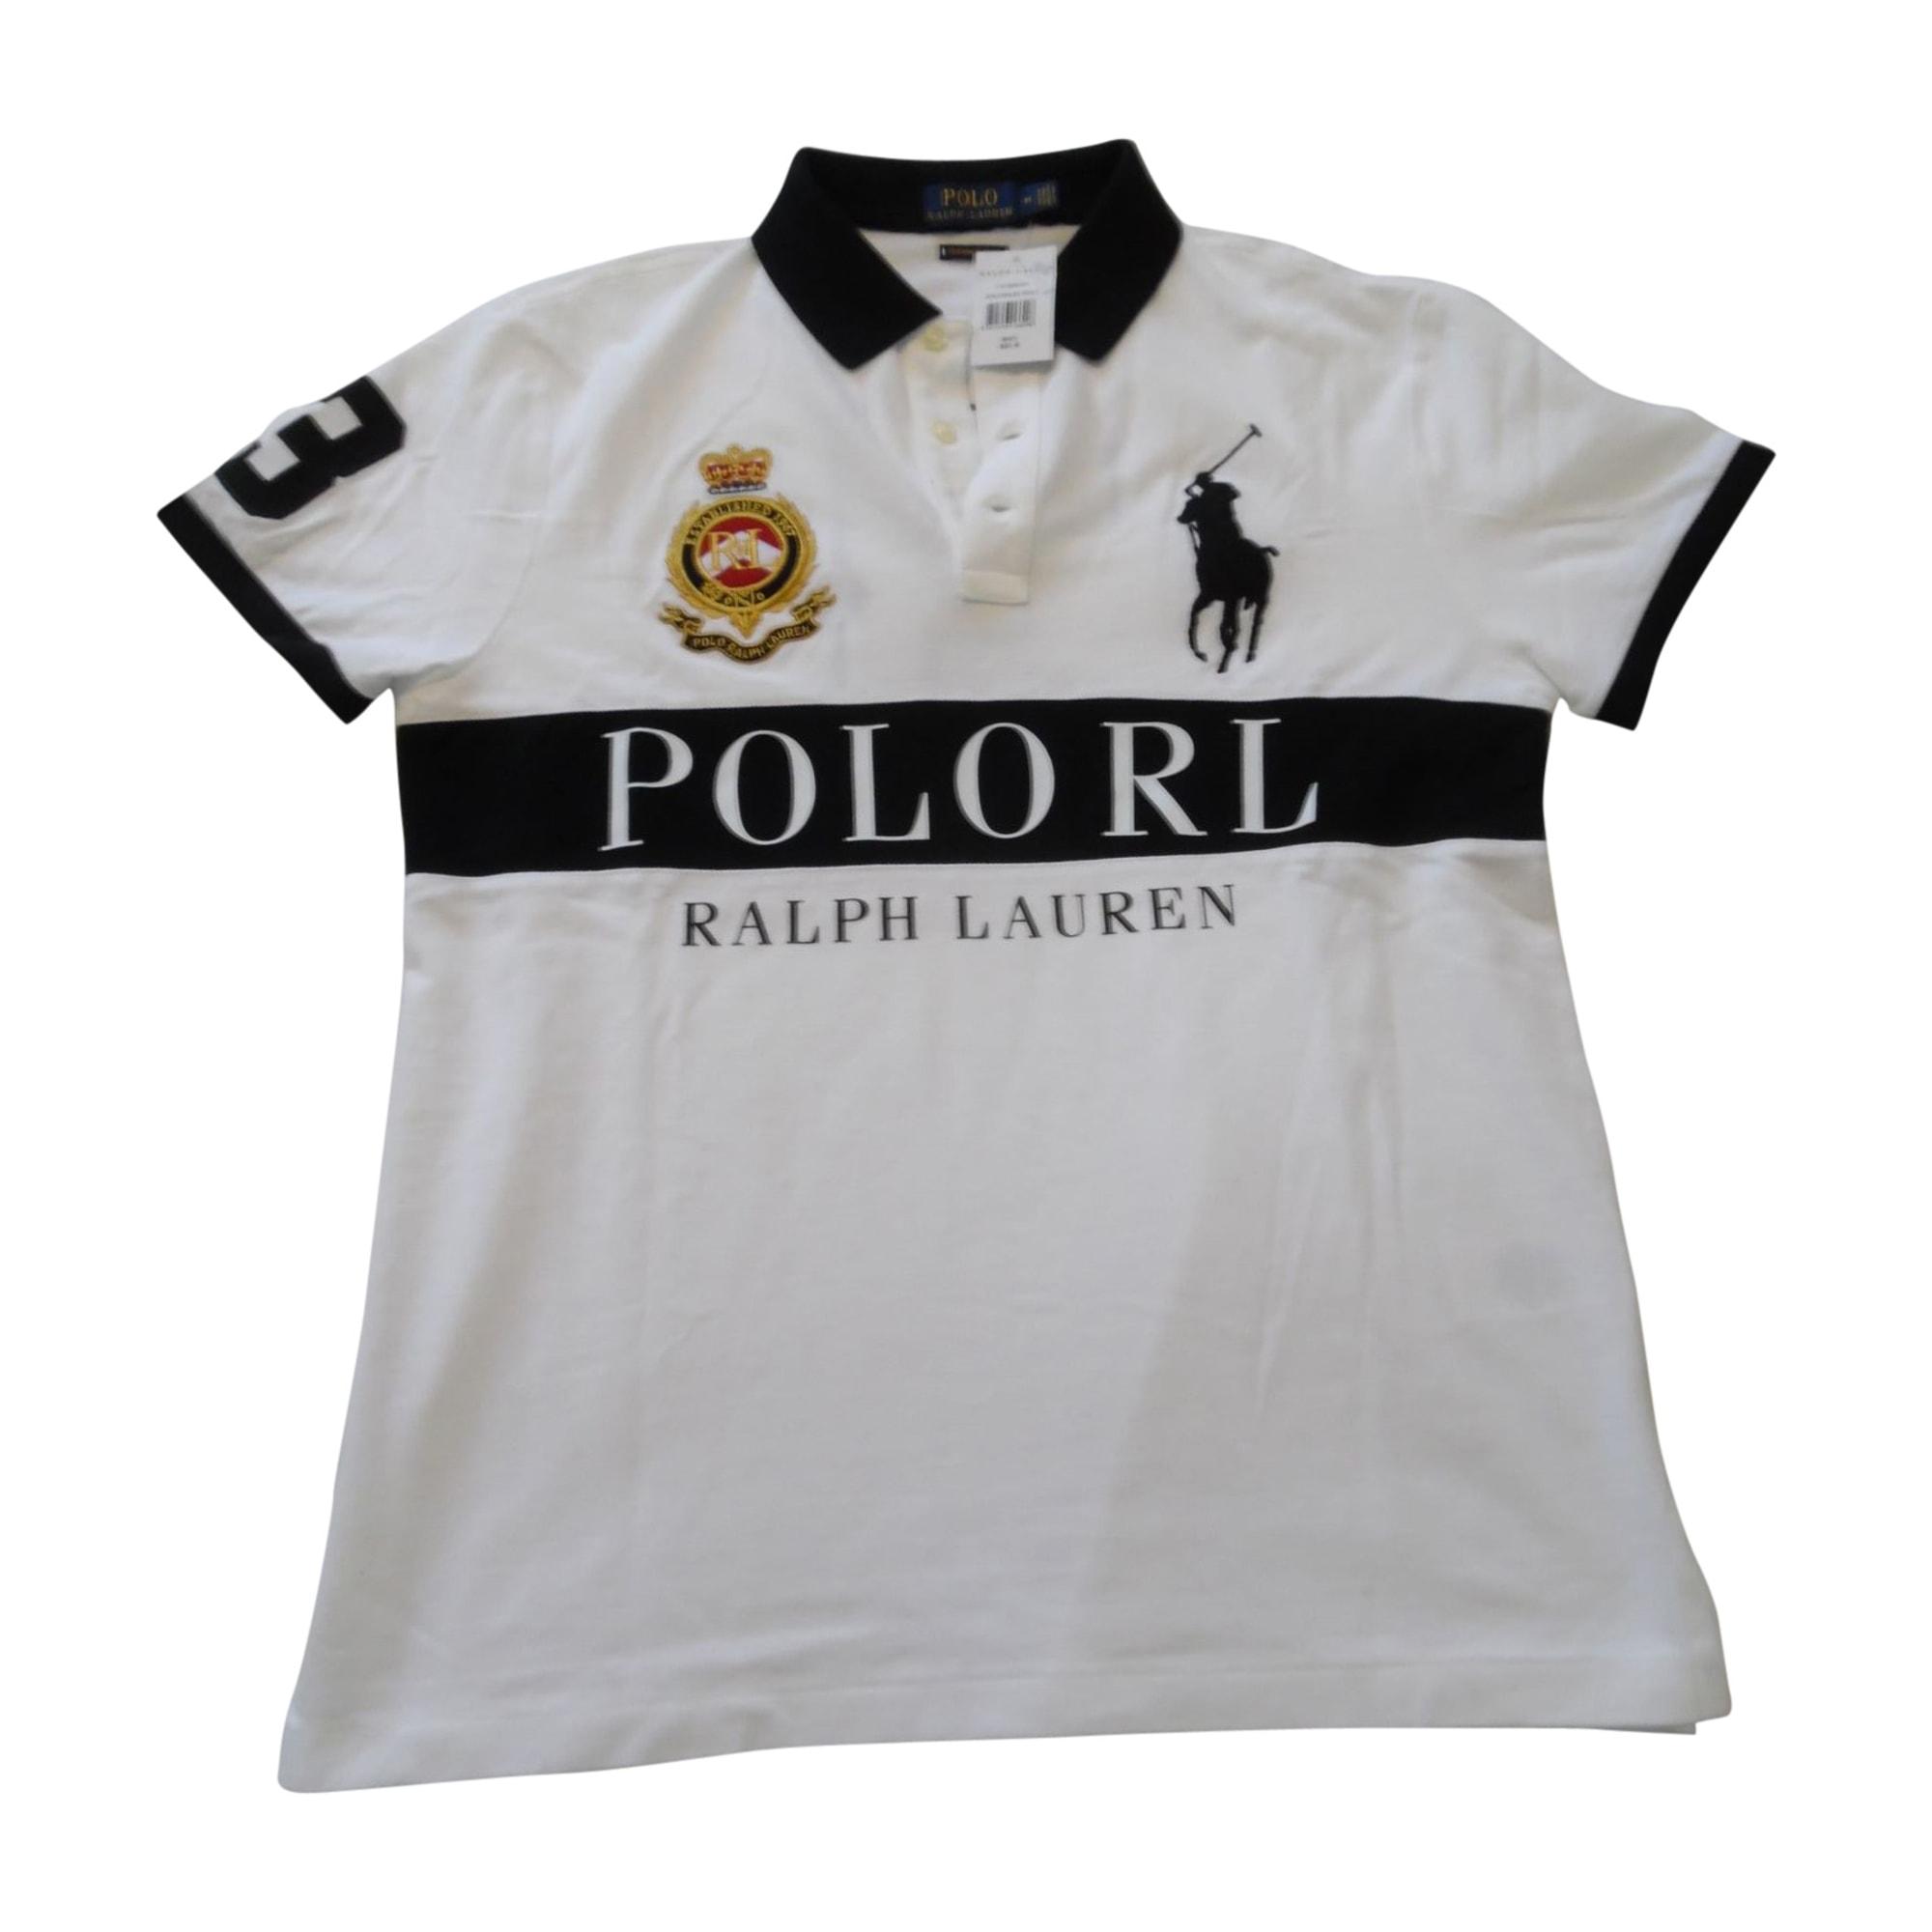 Polo Dressing Polo Ralph Lauren Dressing Vide Polo Vide Ralph Dressing Lauren Vide gyf6b7